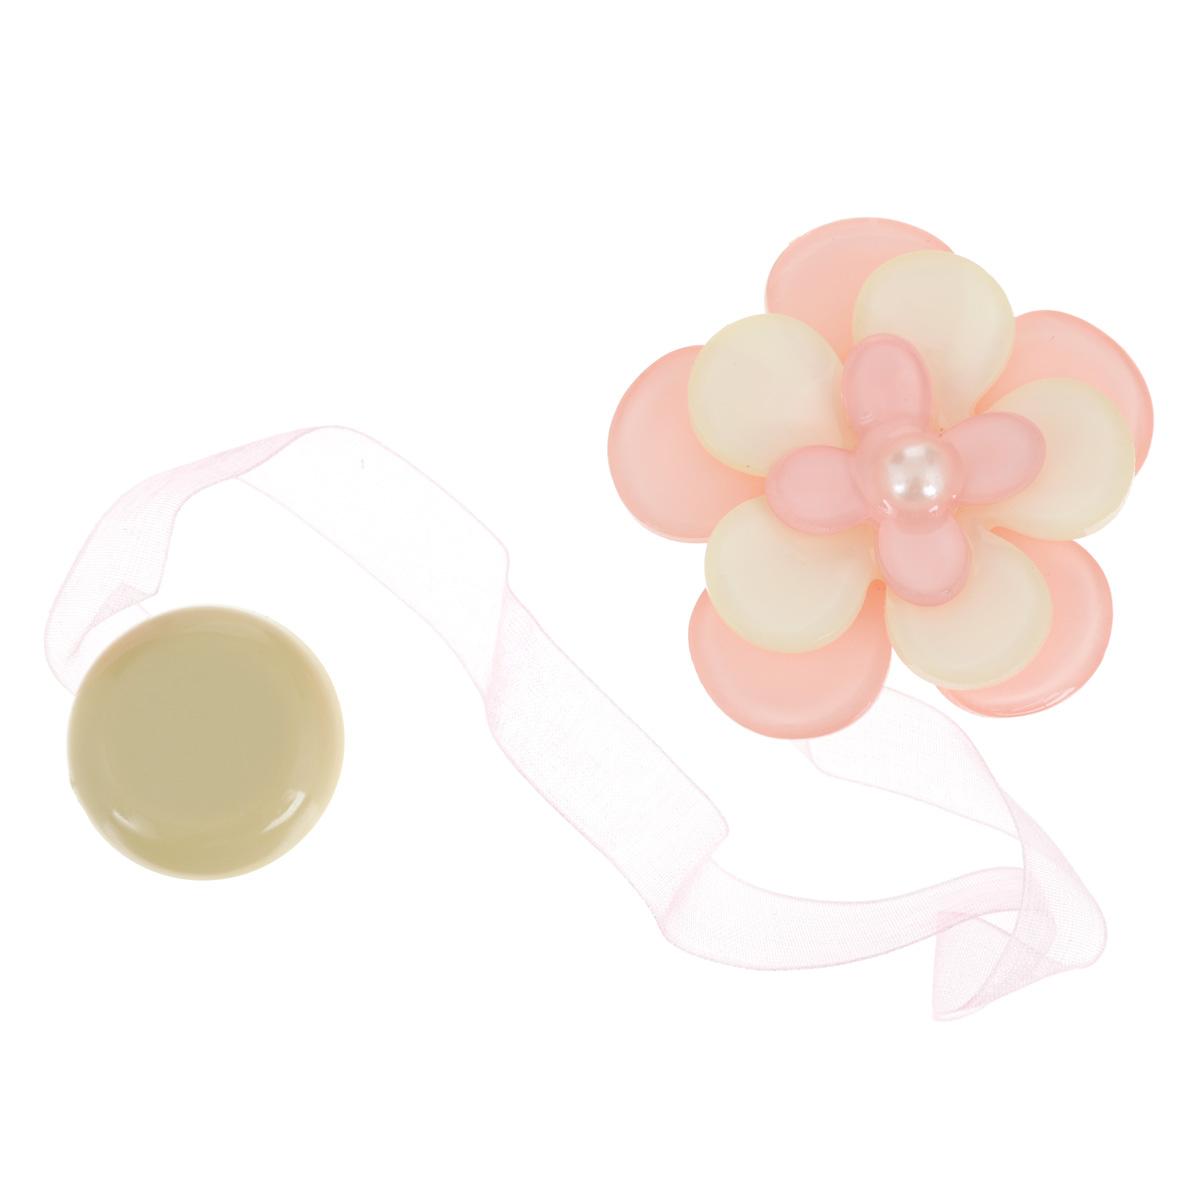 Клипса-магнит для штор Calamita Fiore, цвет: бледно-розовый, бежевый. 7704013_5517704013_551Клипса-магнит Calamita Fiore, изготовленная из пластика и полиэстера, предназначена для придания формы шторам. Изделие представляет собой два магнита, расположенные на разных концах текстильной ленты. Один из магнитов оформлен декоративным цветком. С помощью такой магнитной клипсы можно зафиксировать портьеры, придать им требуемое положение, сделать складки симметричными или приблизить портьеры, скрепить их.Клипсы для штор являются универсальным изделием, которое превосходно подойдет как для штор в детской комнате, так и для штор в гостиной. Следует отметить, что клипсы для штор выполняют не только практическую функцию, но также являются одной из основных деталей декора, которая придает шторам восхитительный, стильный внешний вид. Диаметр декоративного цветка: 5 см. Длина ленты: 28 см.